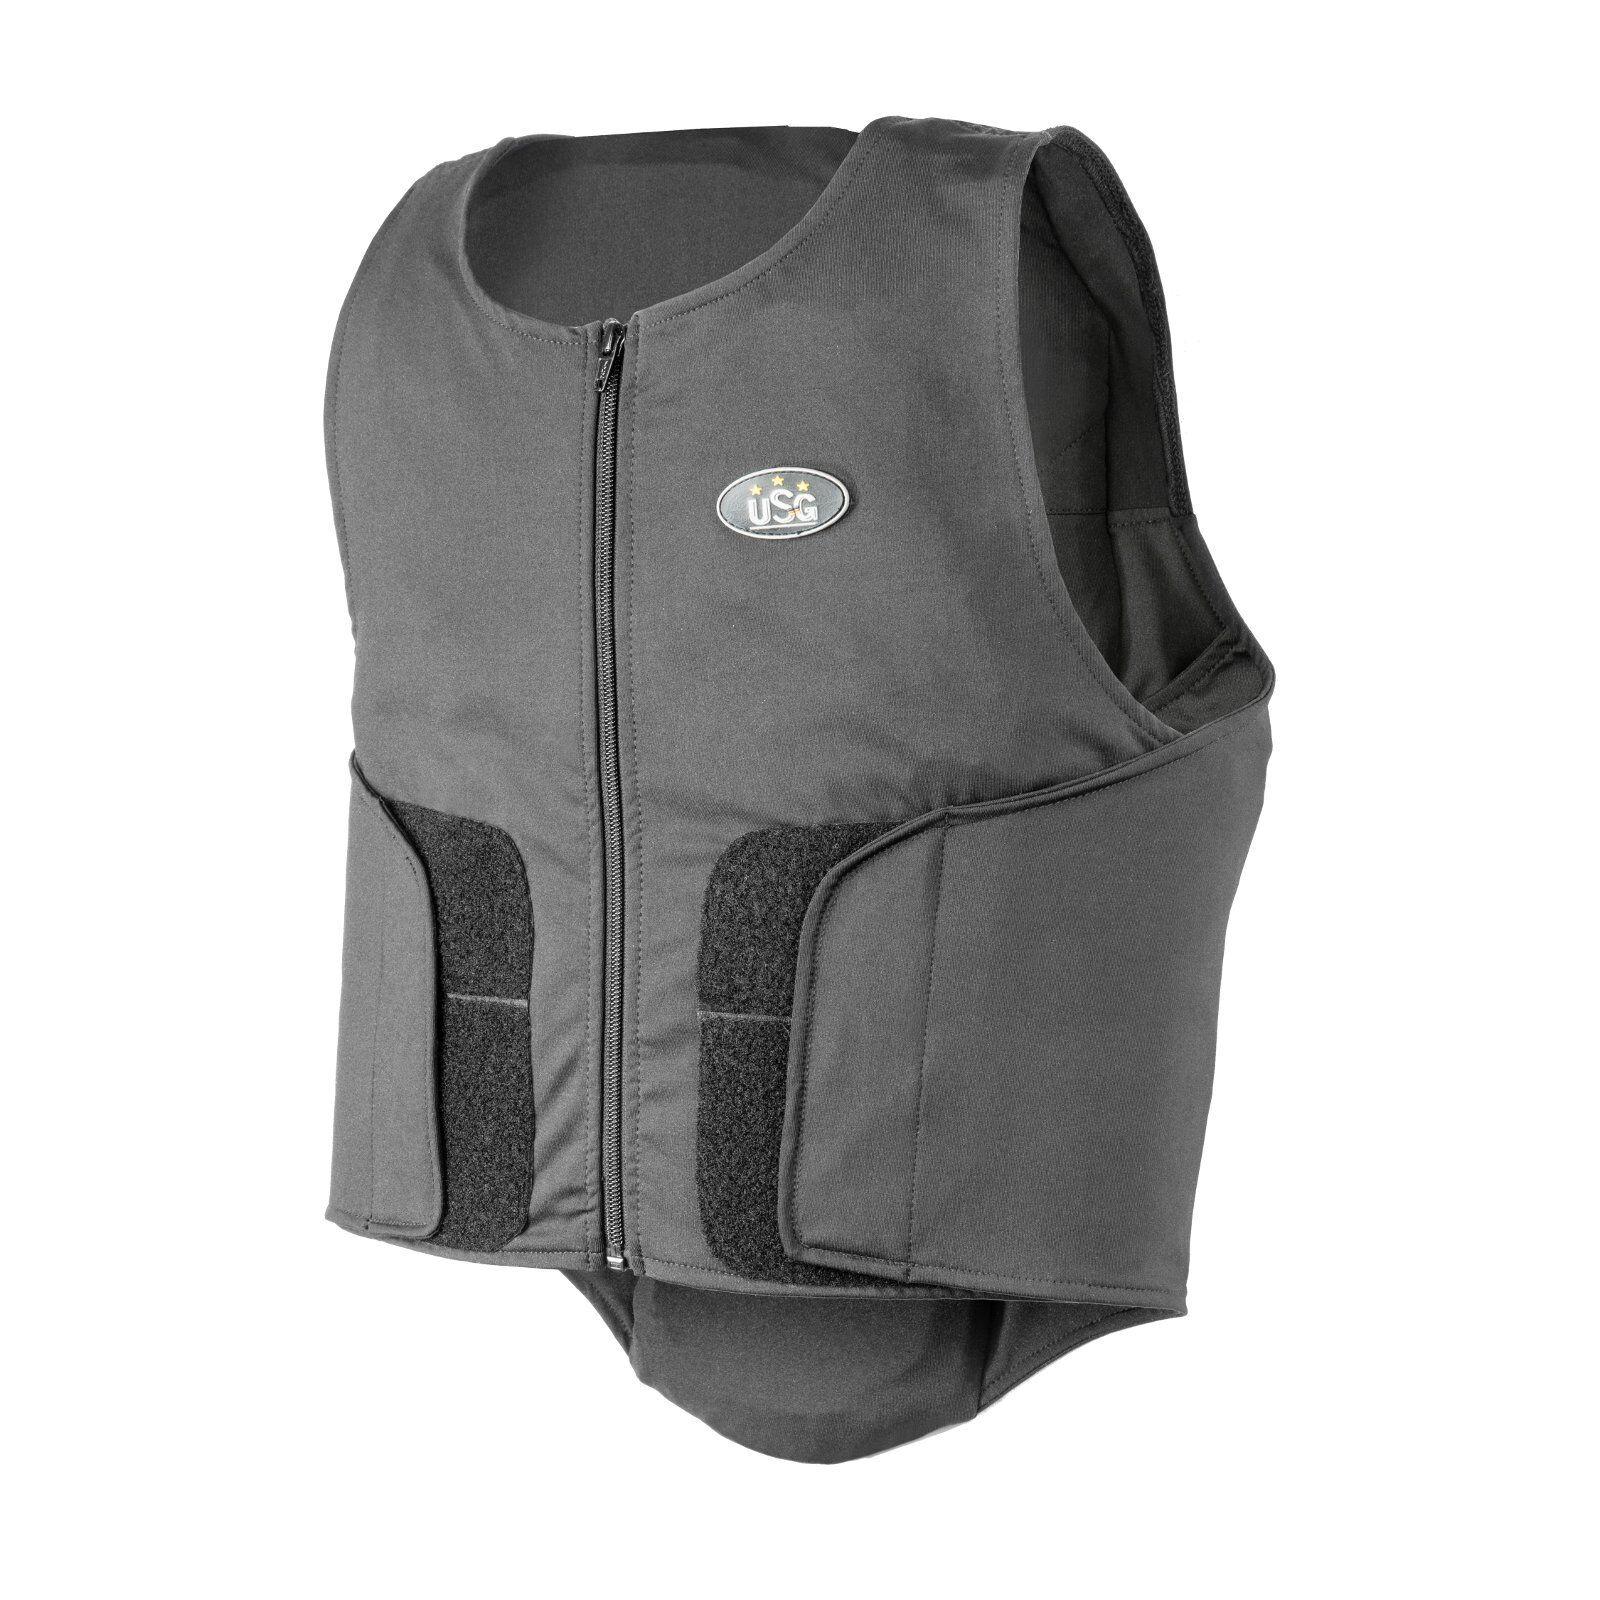 USG espalda projoección precto Evolution-m seguridad espalda projoección equitación Equitación